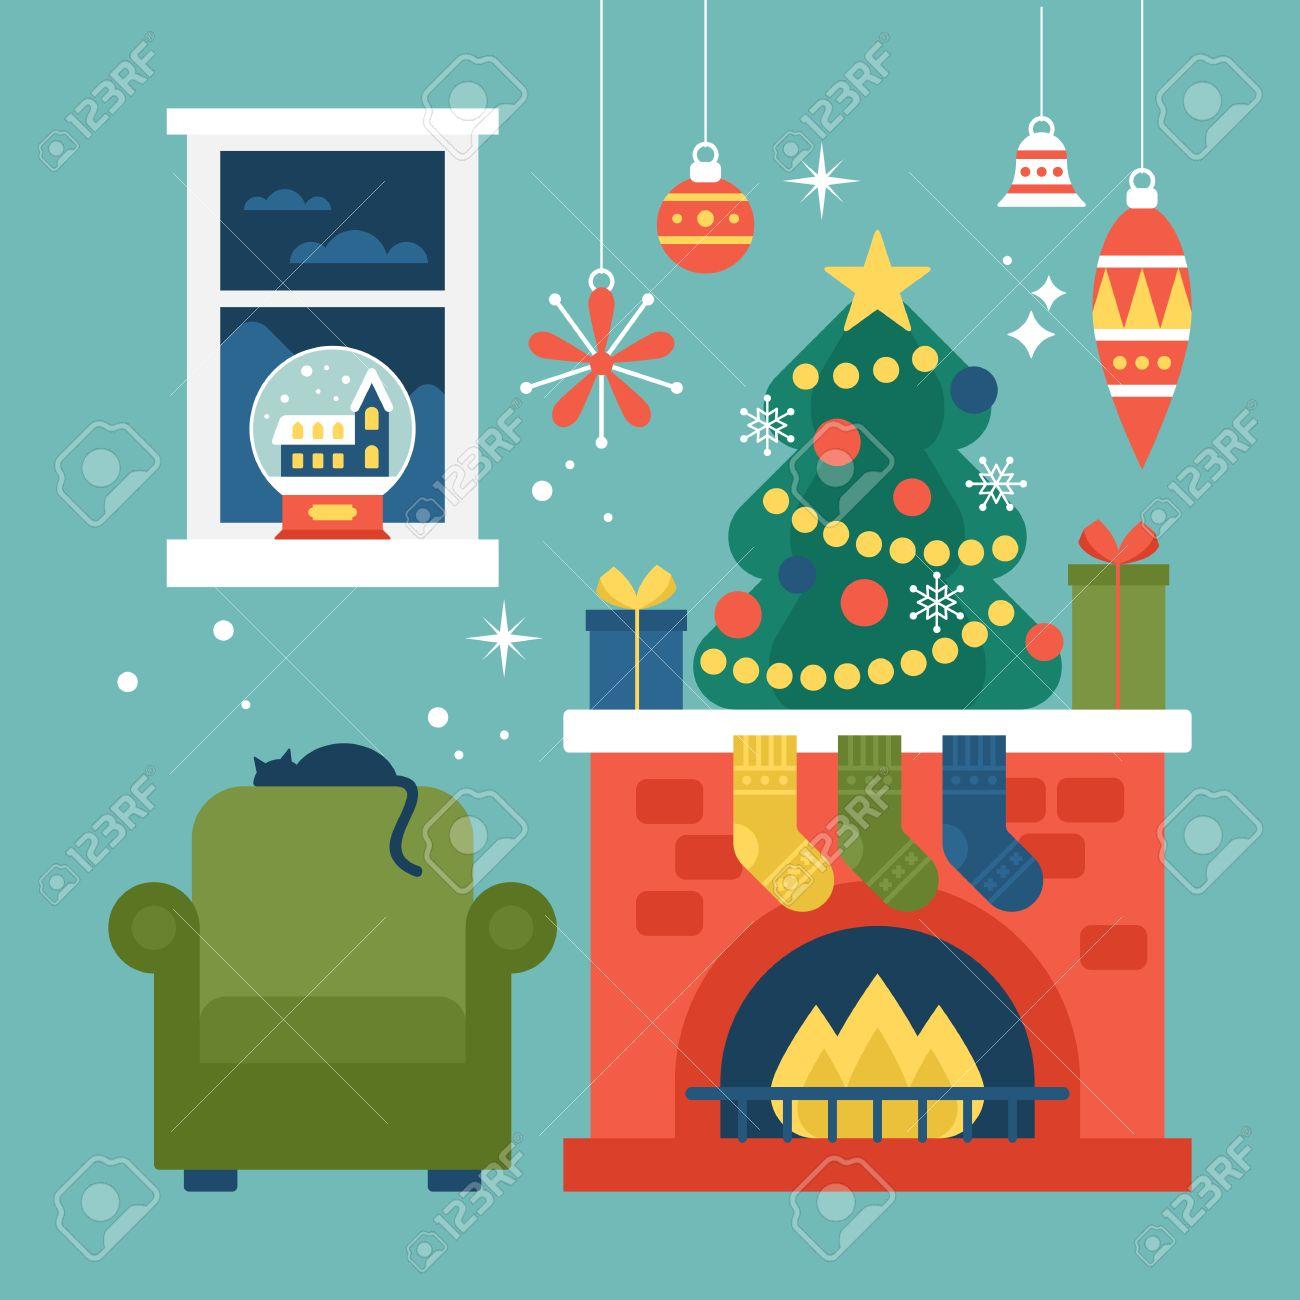 Modern Creative Christmas Greeting Card Design With Christmas